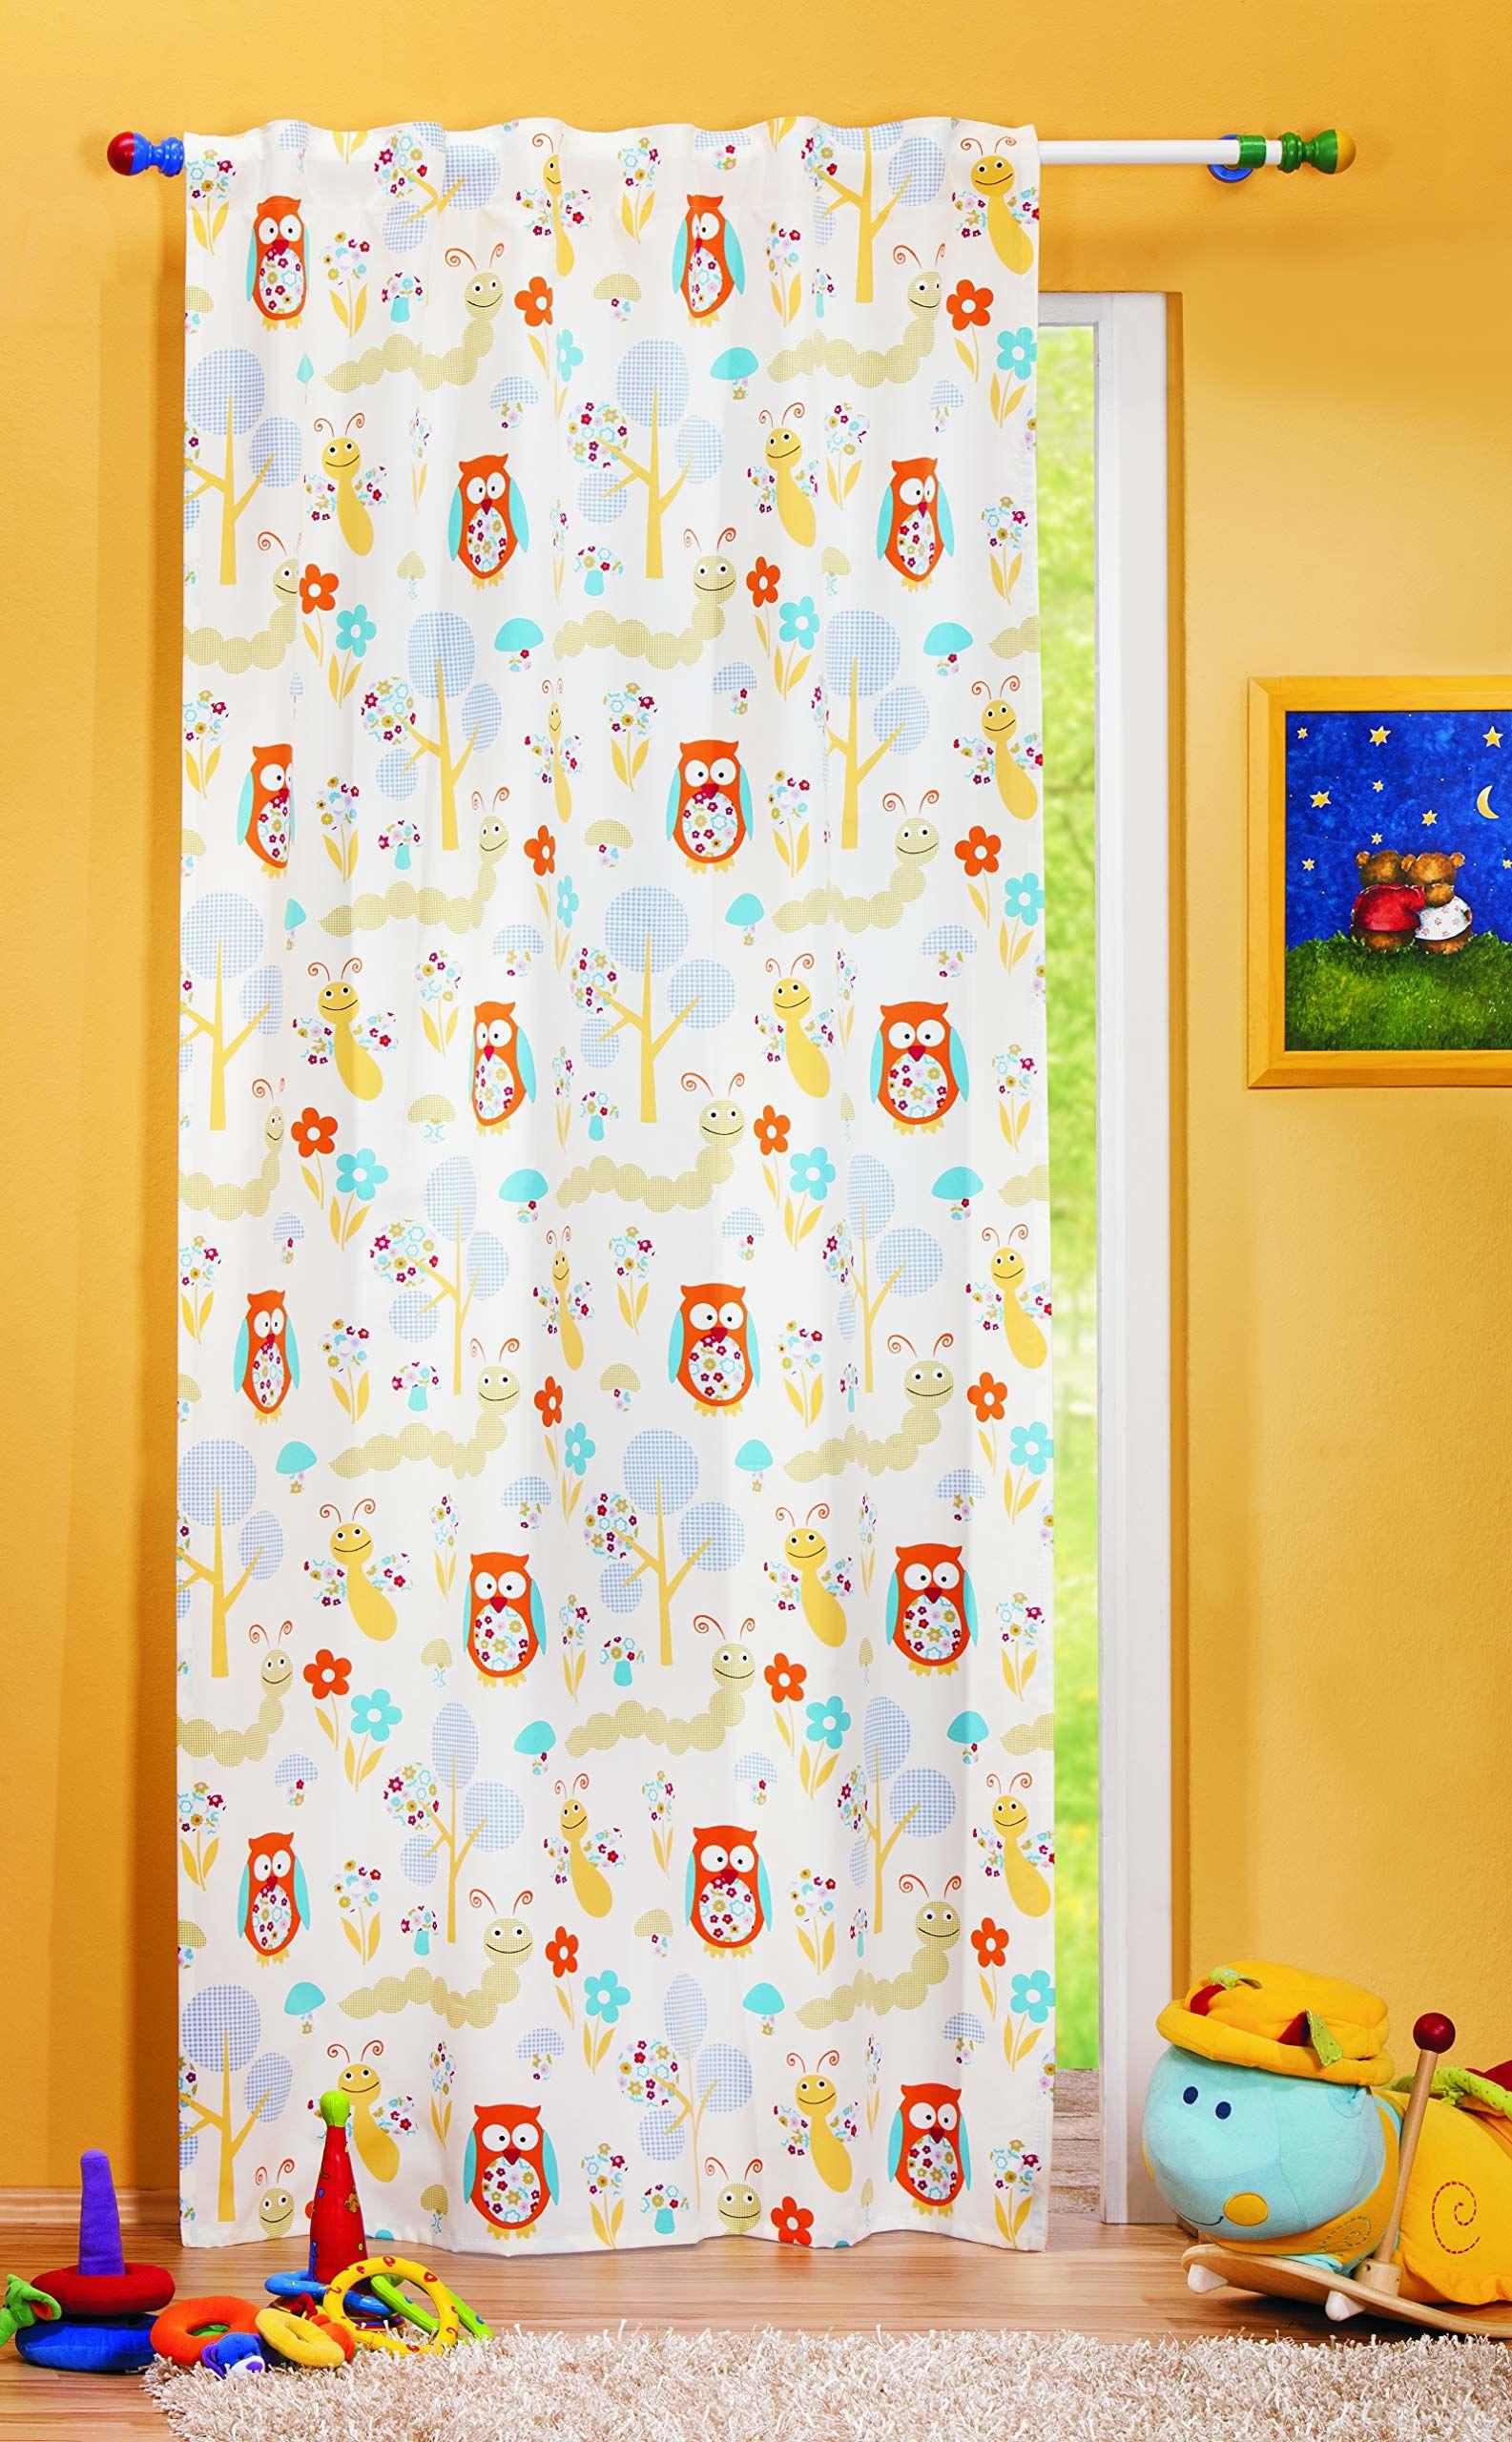 Albani Szal z różnymi szlufkami/gąsienica + sowa/245x135 cm, kolorowy